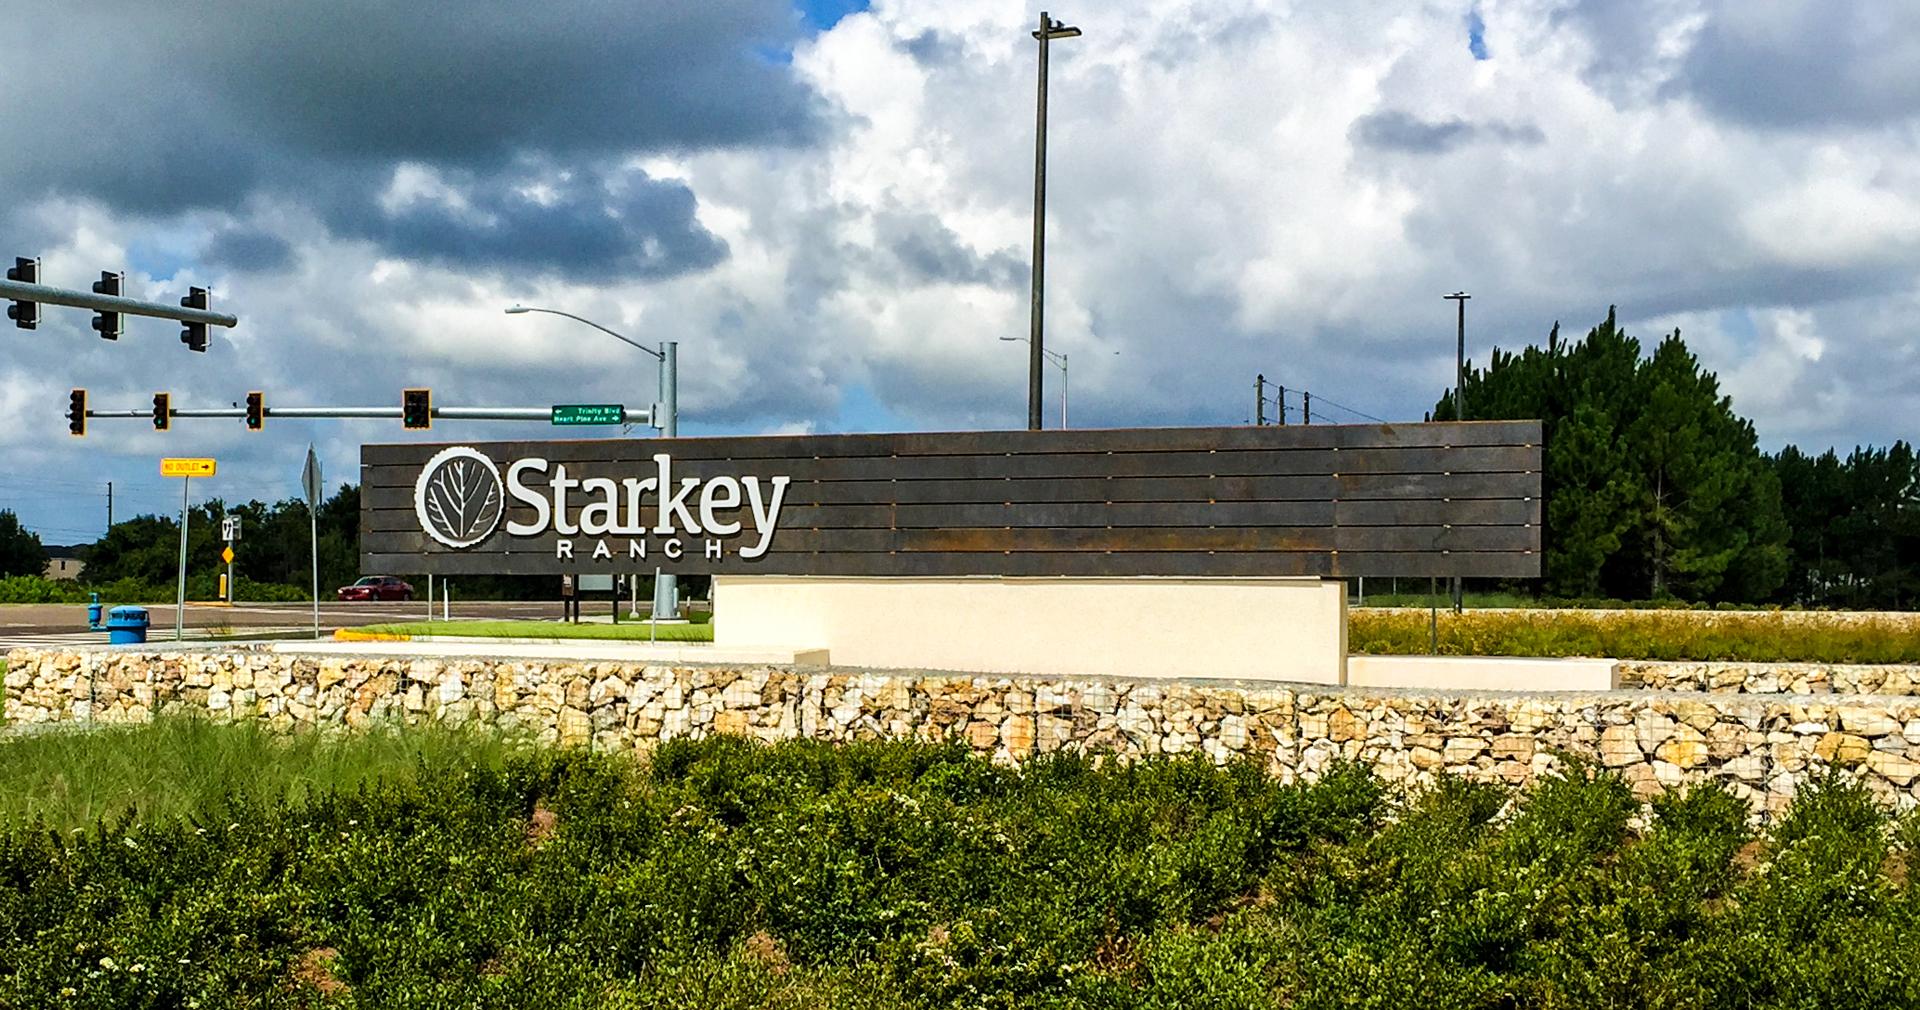 Starkey Ranch - Identity Sign